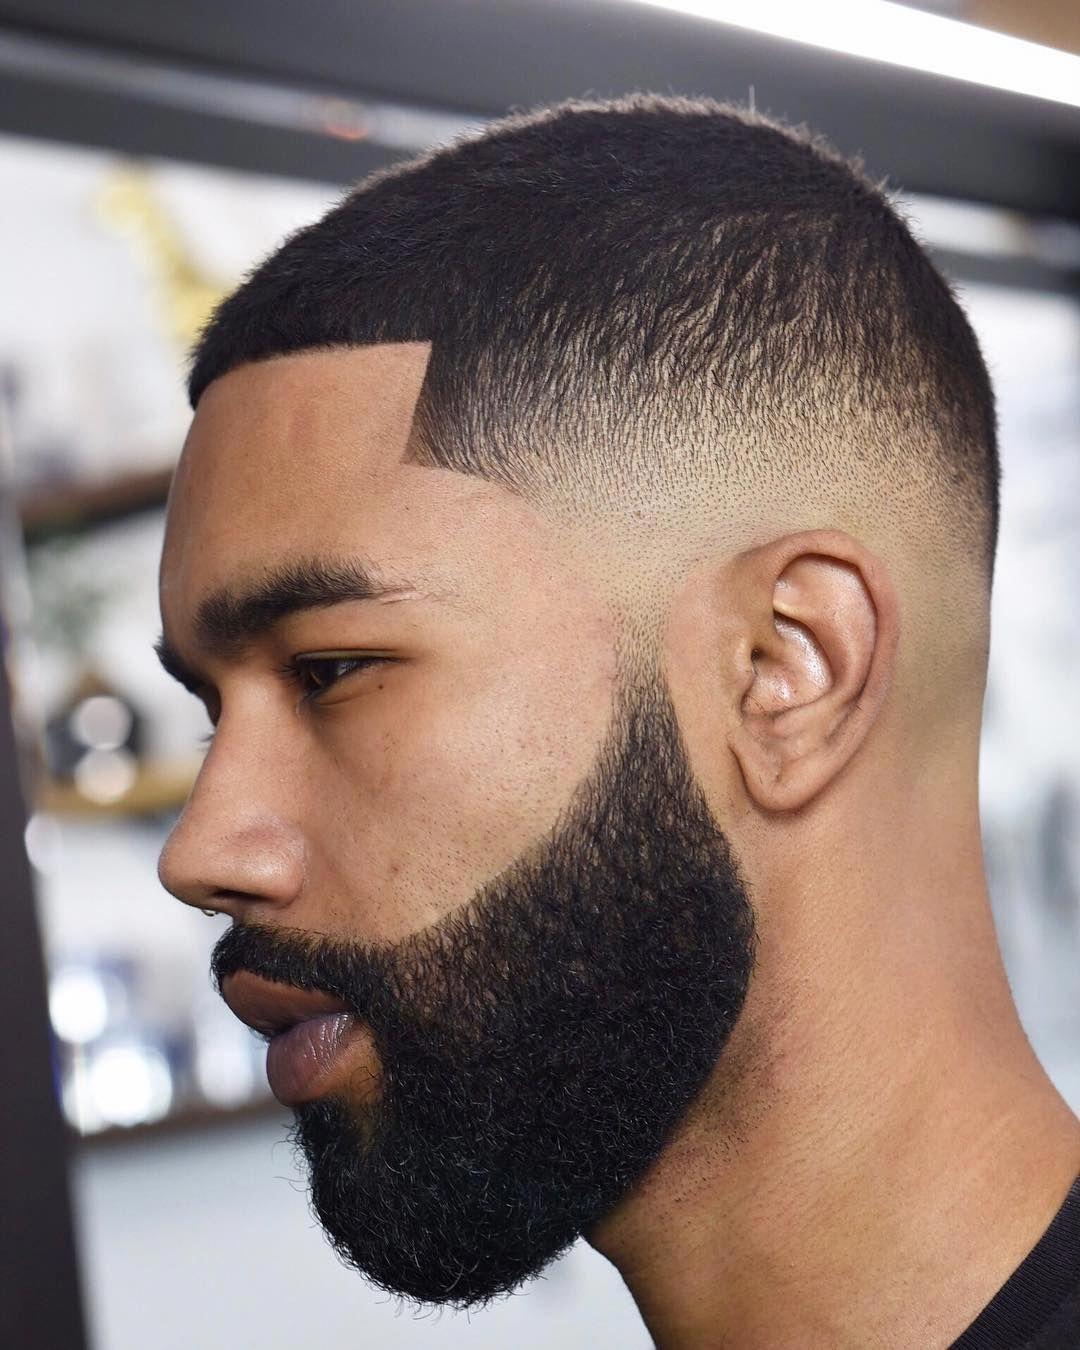 Mid Fade Midfade Haircut Menshairstyles Mid Fade Haircut